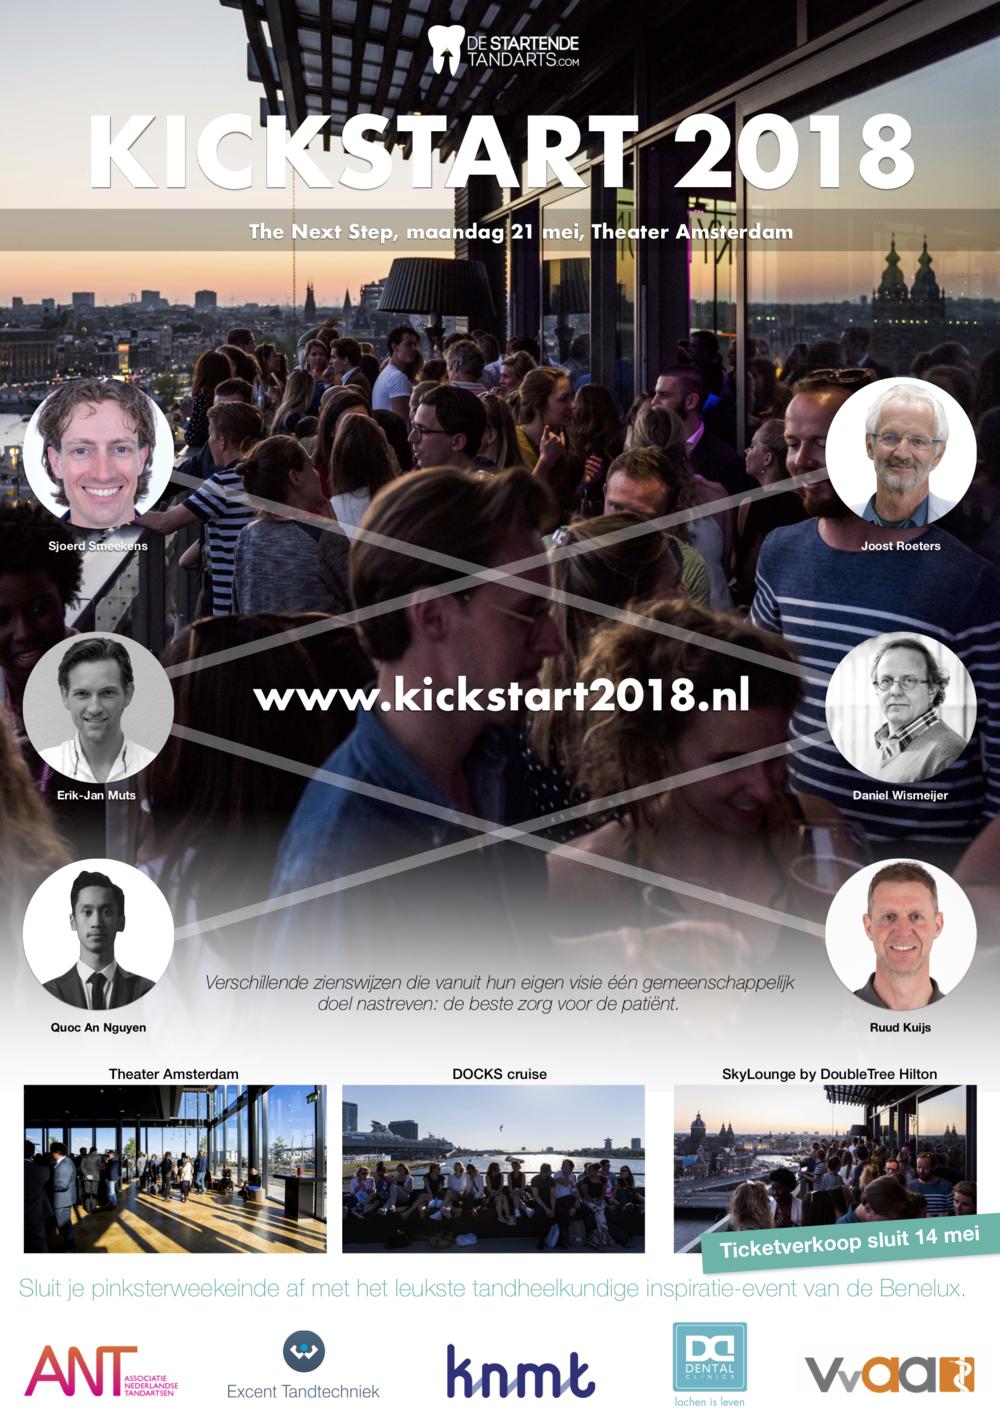 Kickstart 2018 flyer label.png